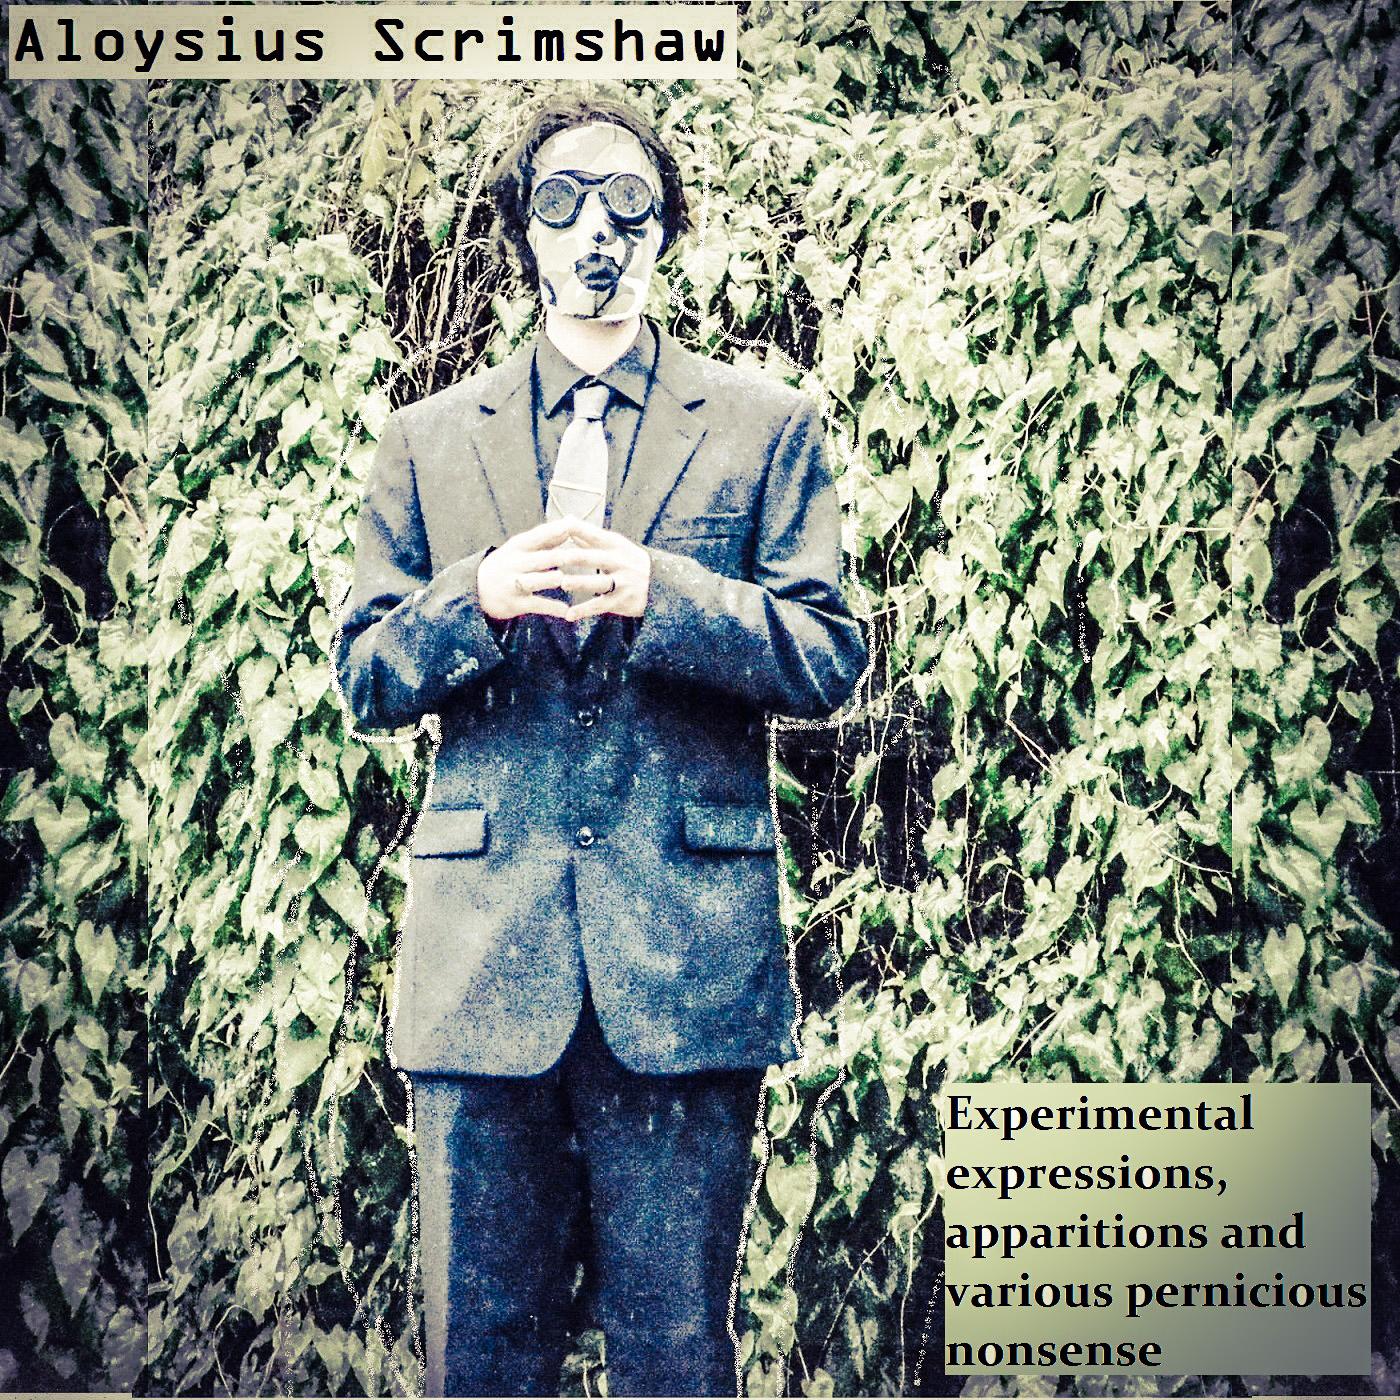 Aloysius Scrimshaw album cover